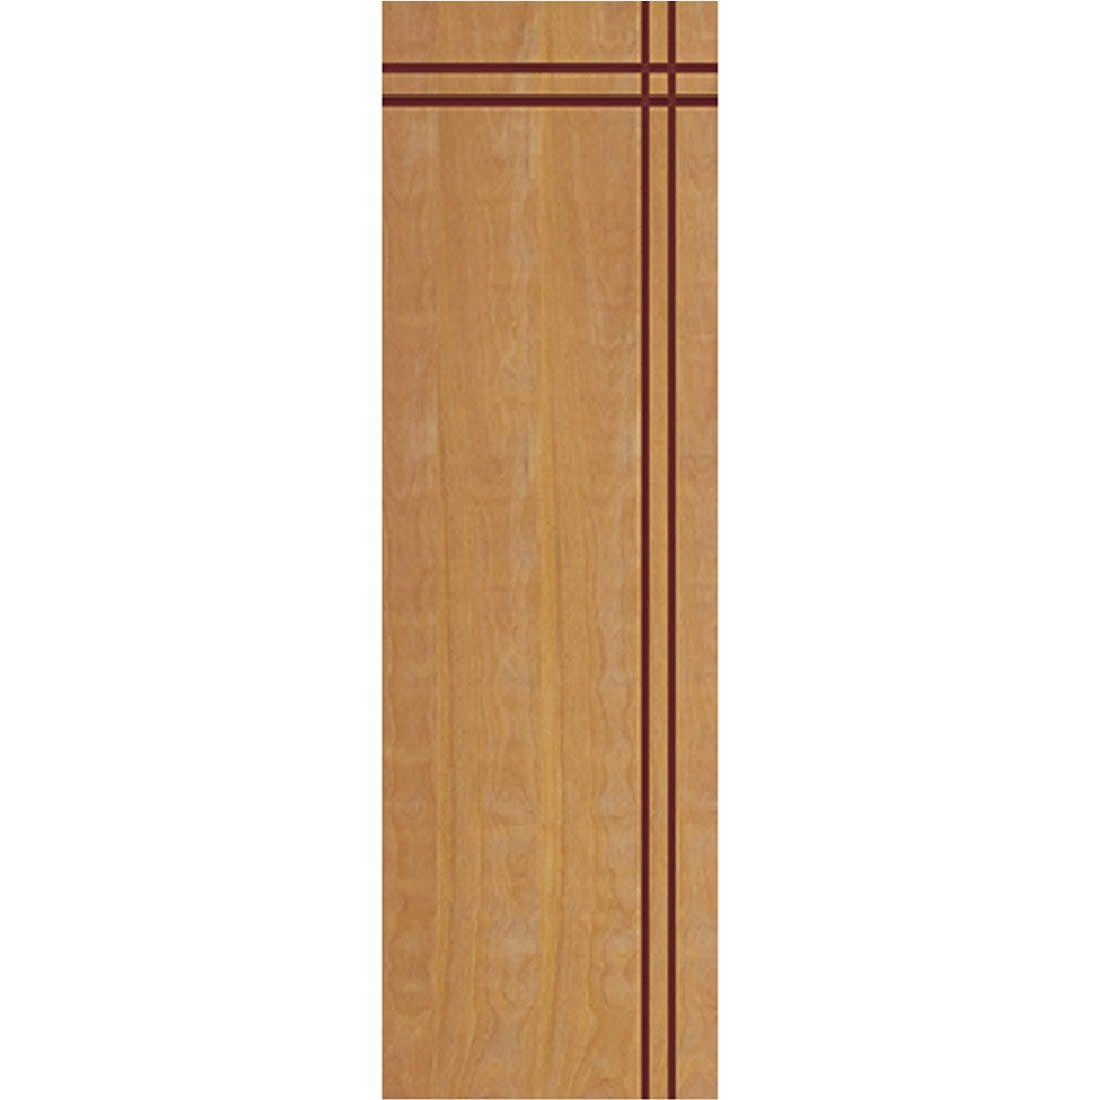 Porta 2,10 x 0,60m em Madeira Curupixa Semi Sólida Modelo 03 Frisada JB Paes